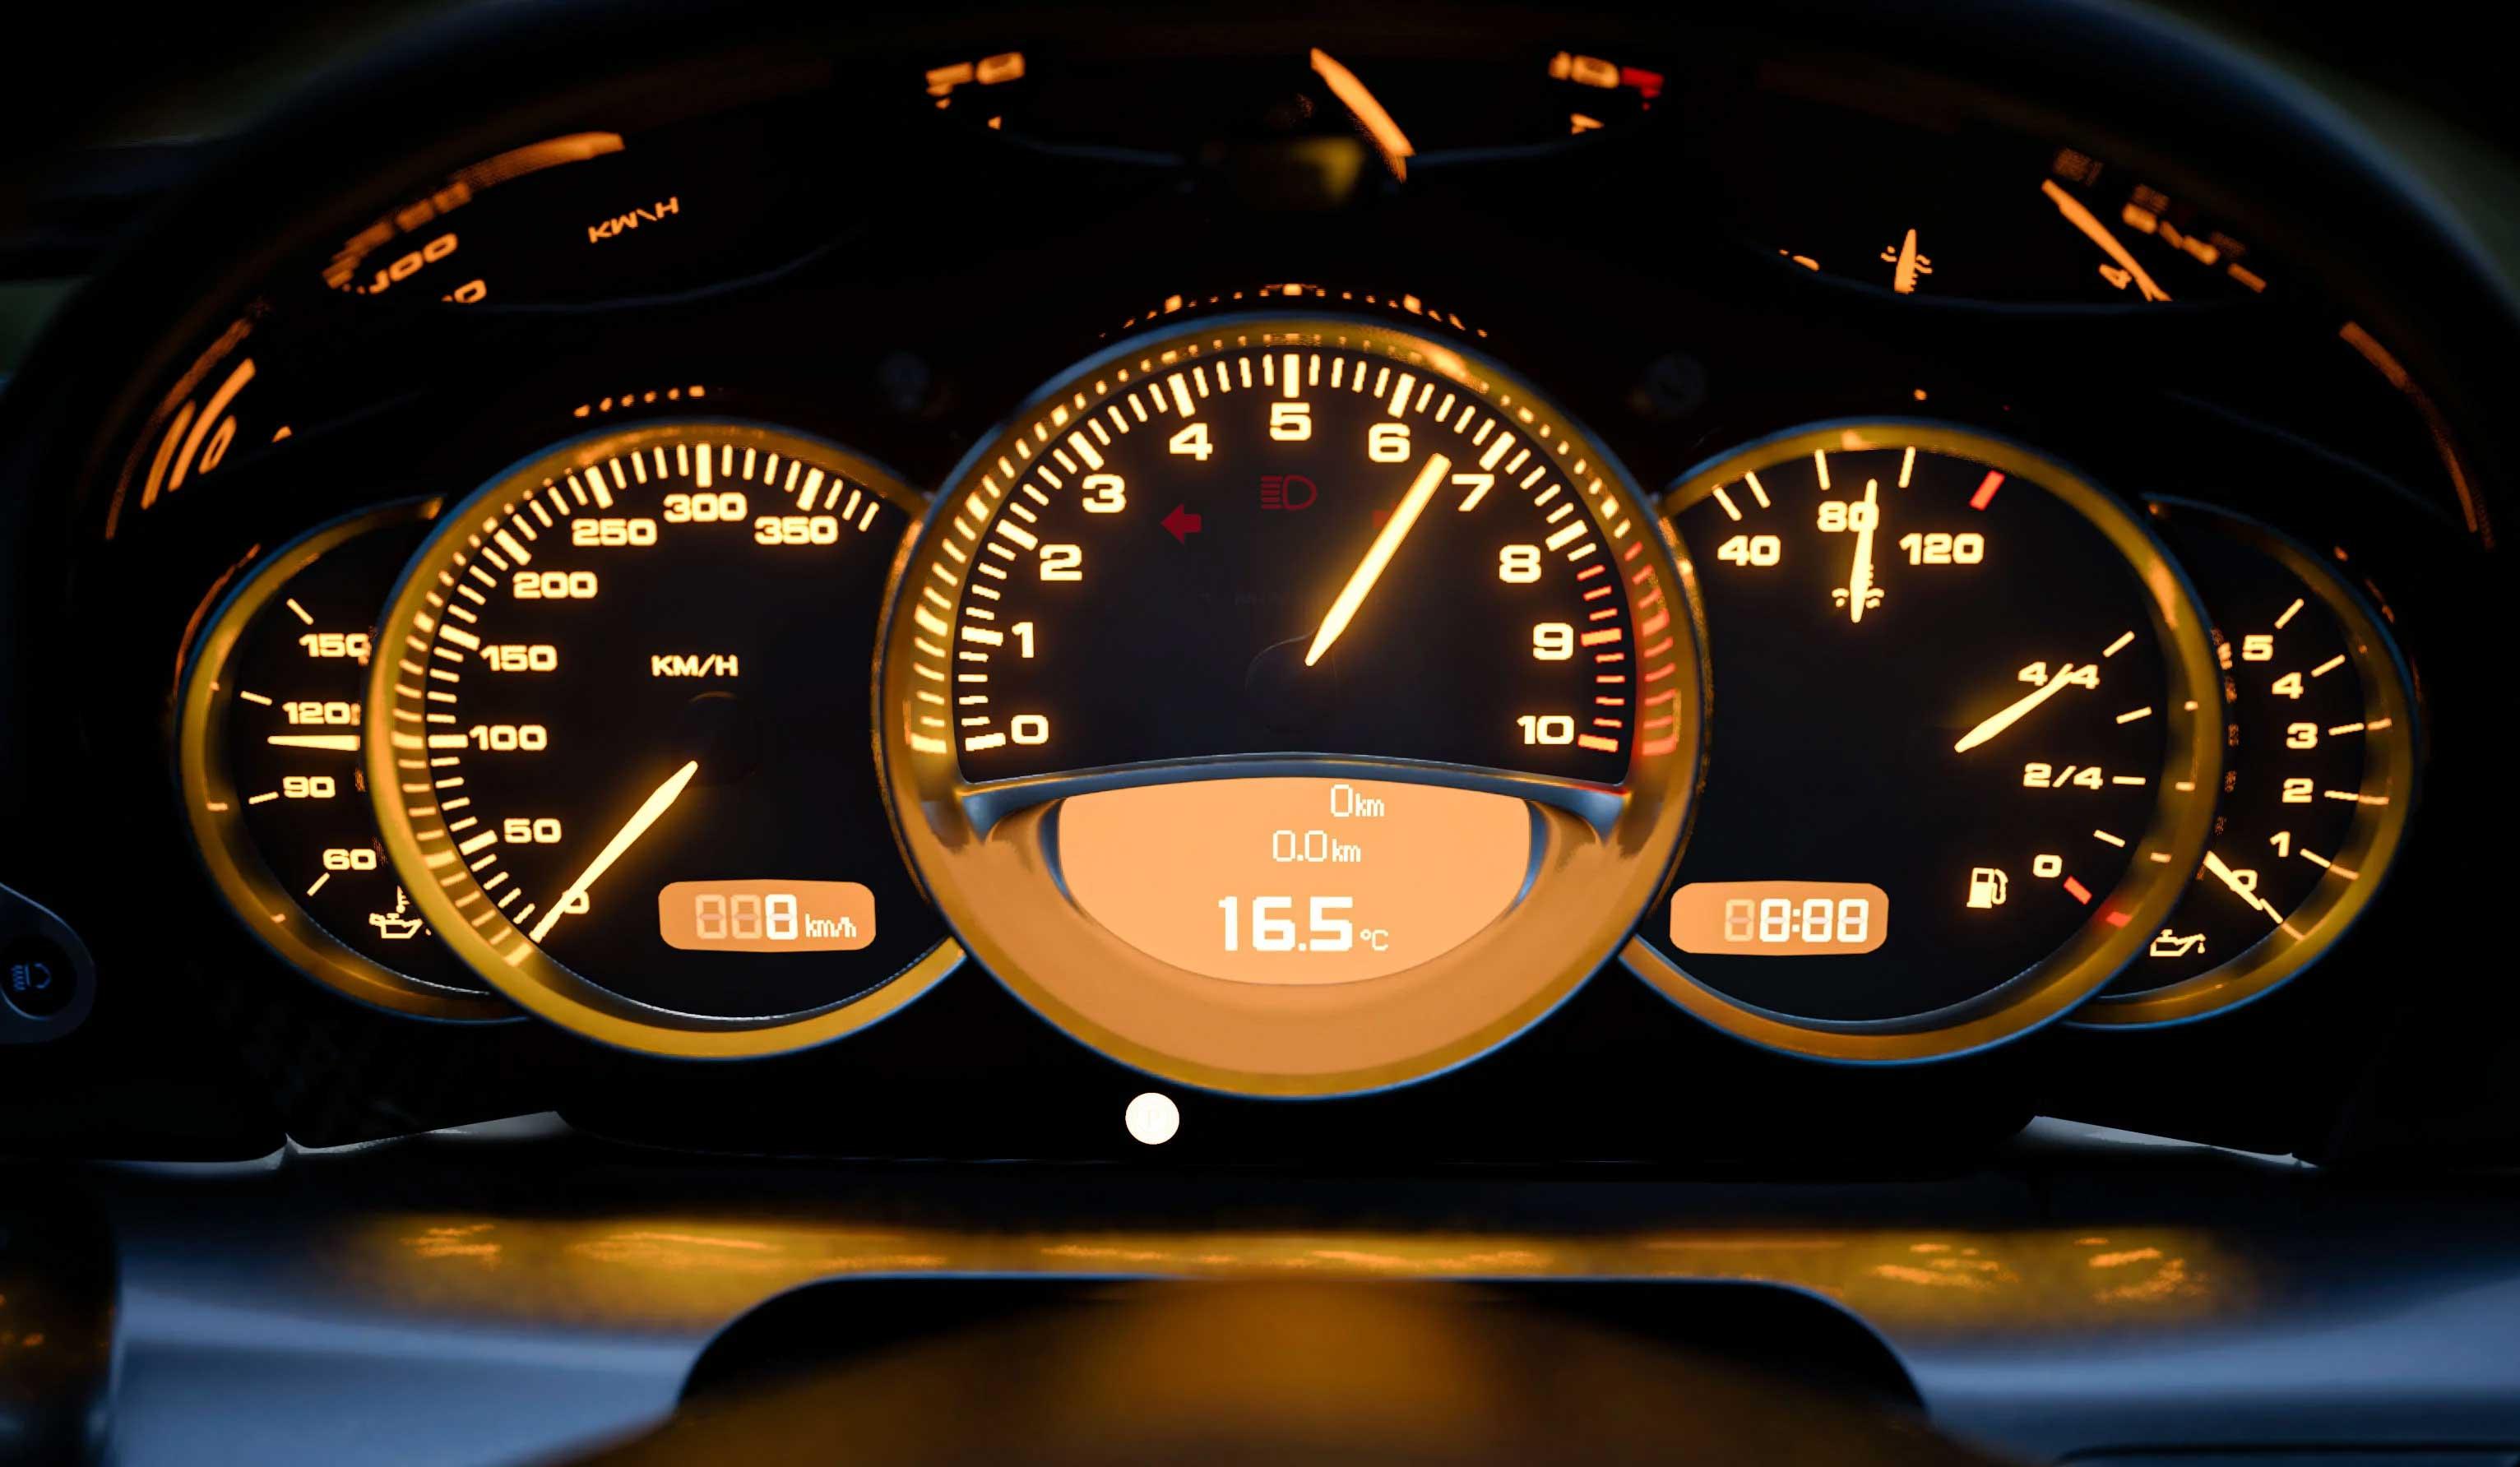 GT7 Guages - Evans Auto blog 2020